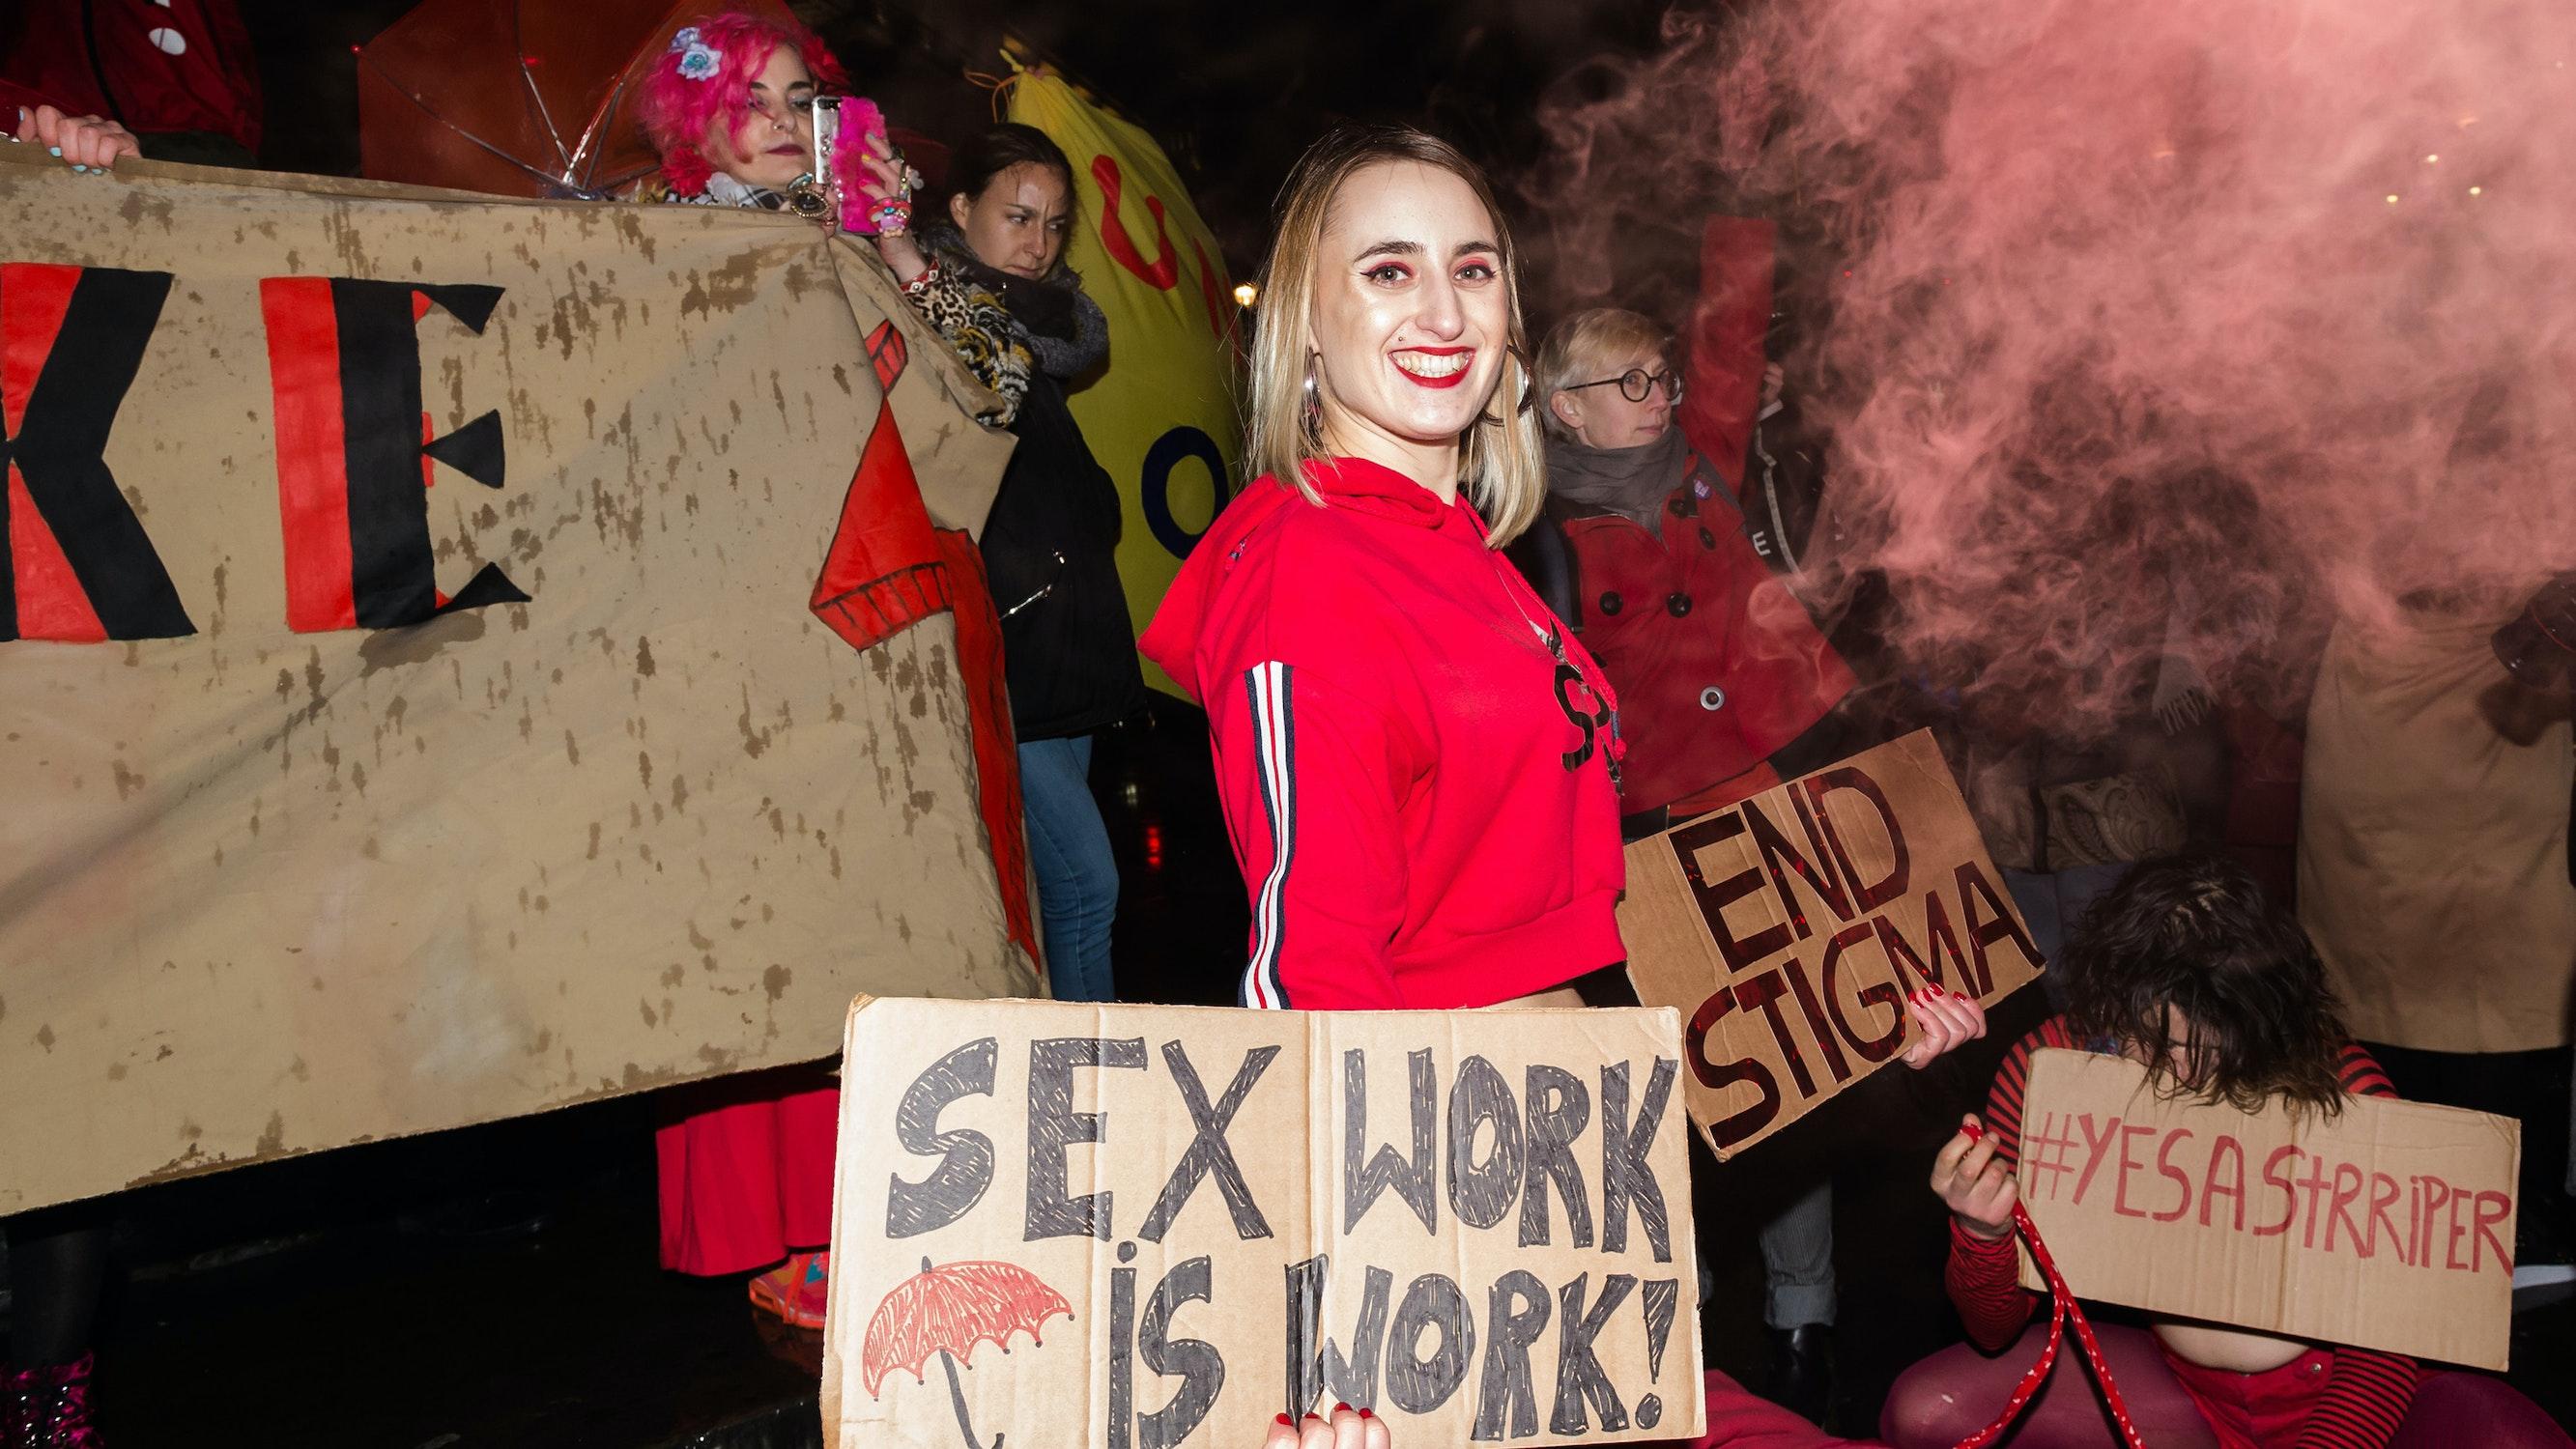 Prostitution why go into do girls 9.4 Prostitution